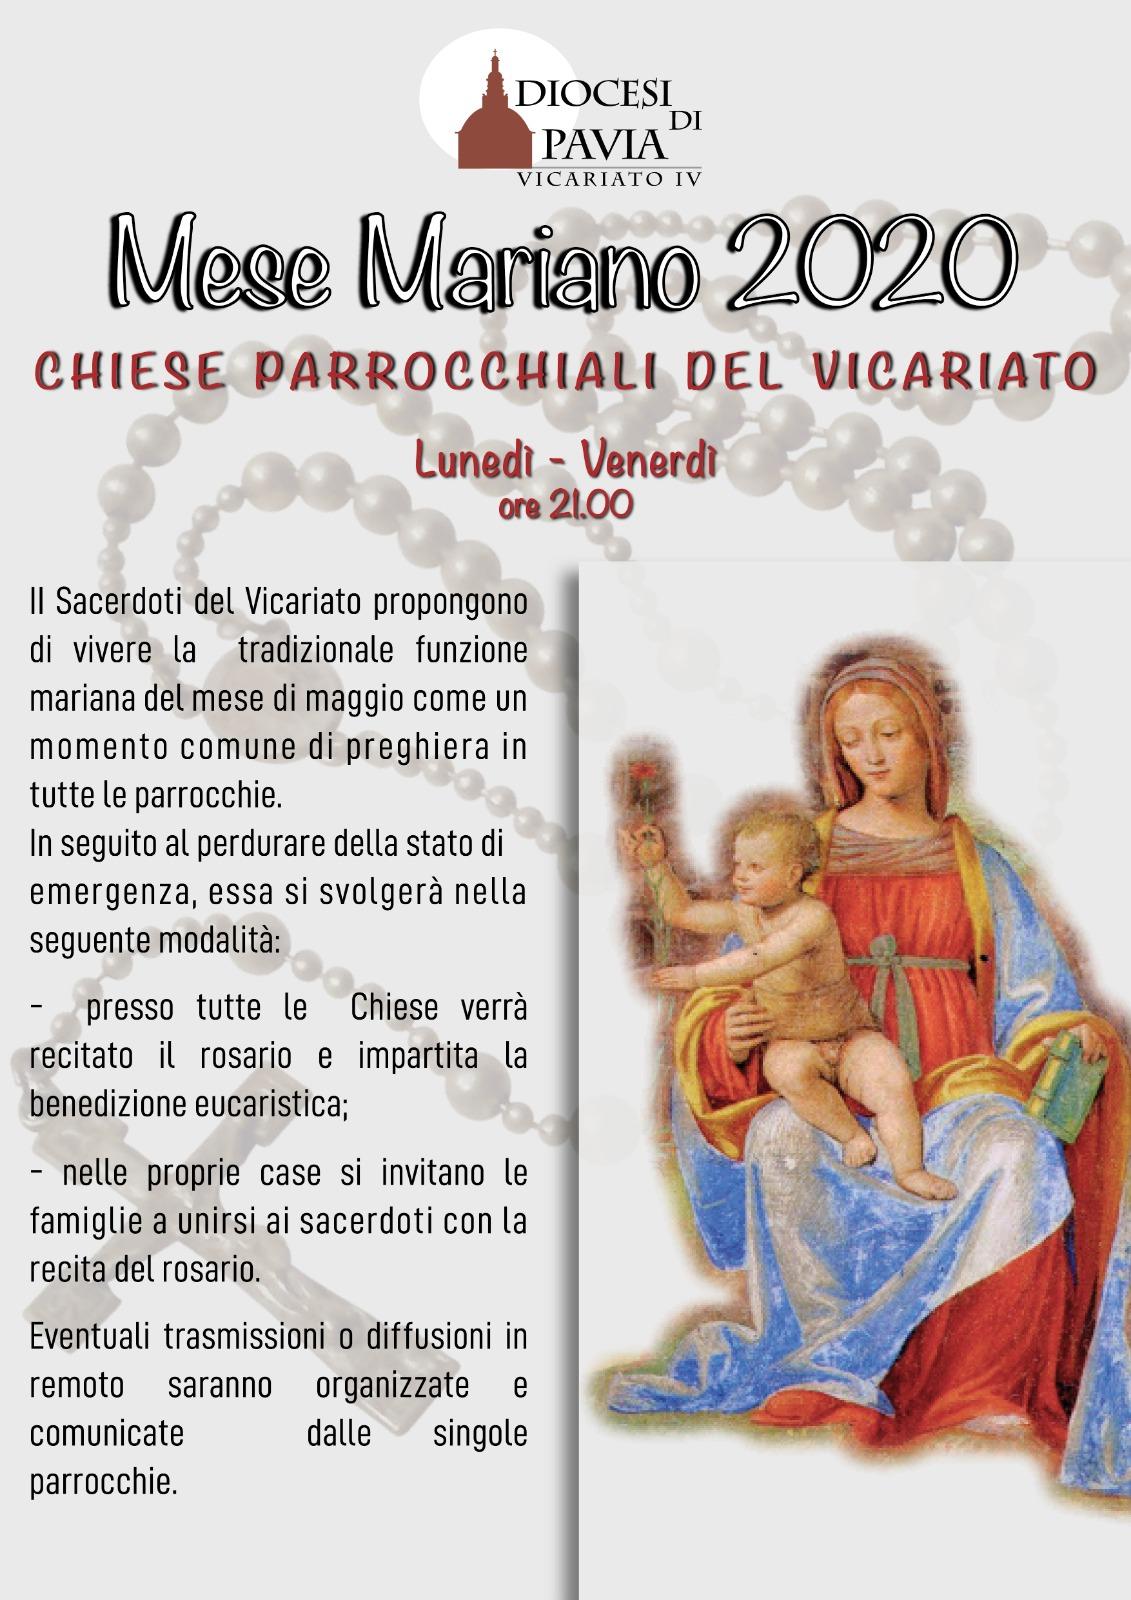 Mese Mariano 2020